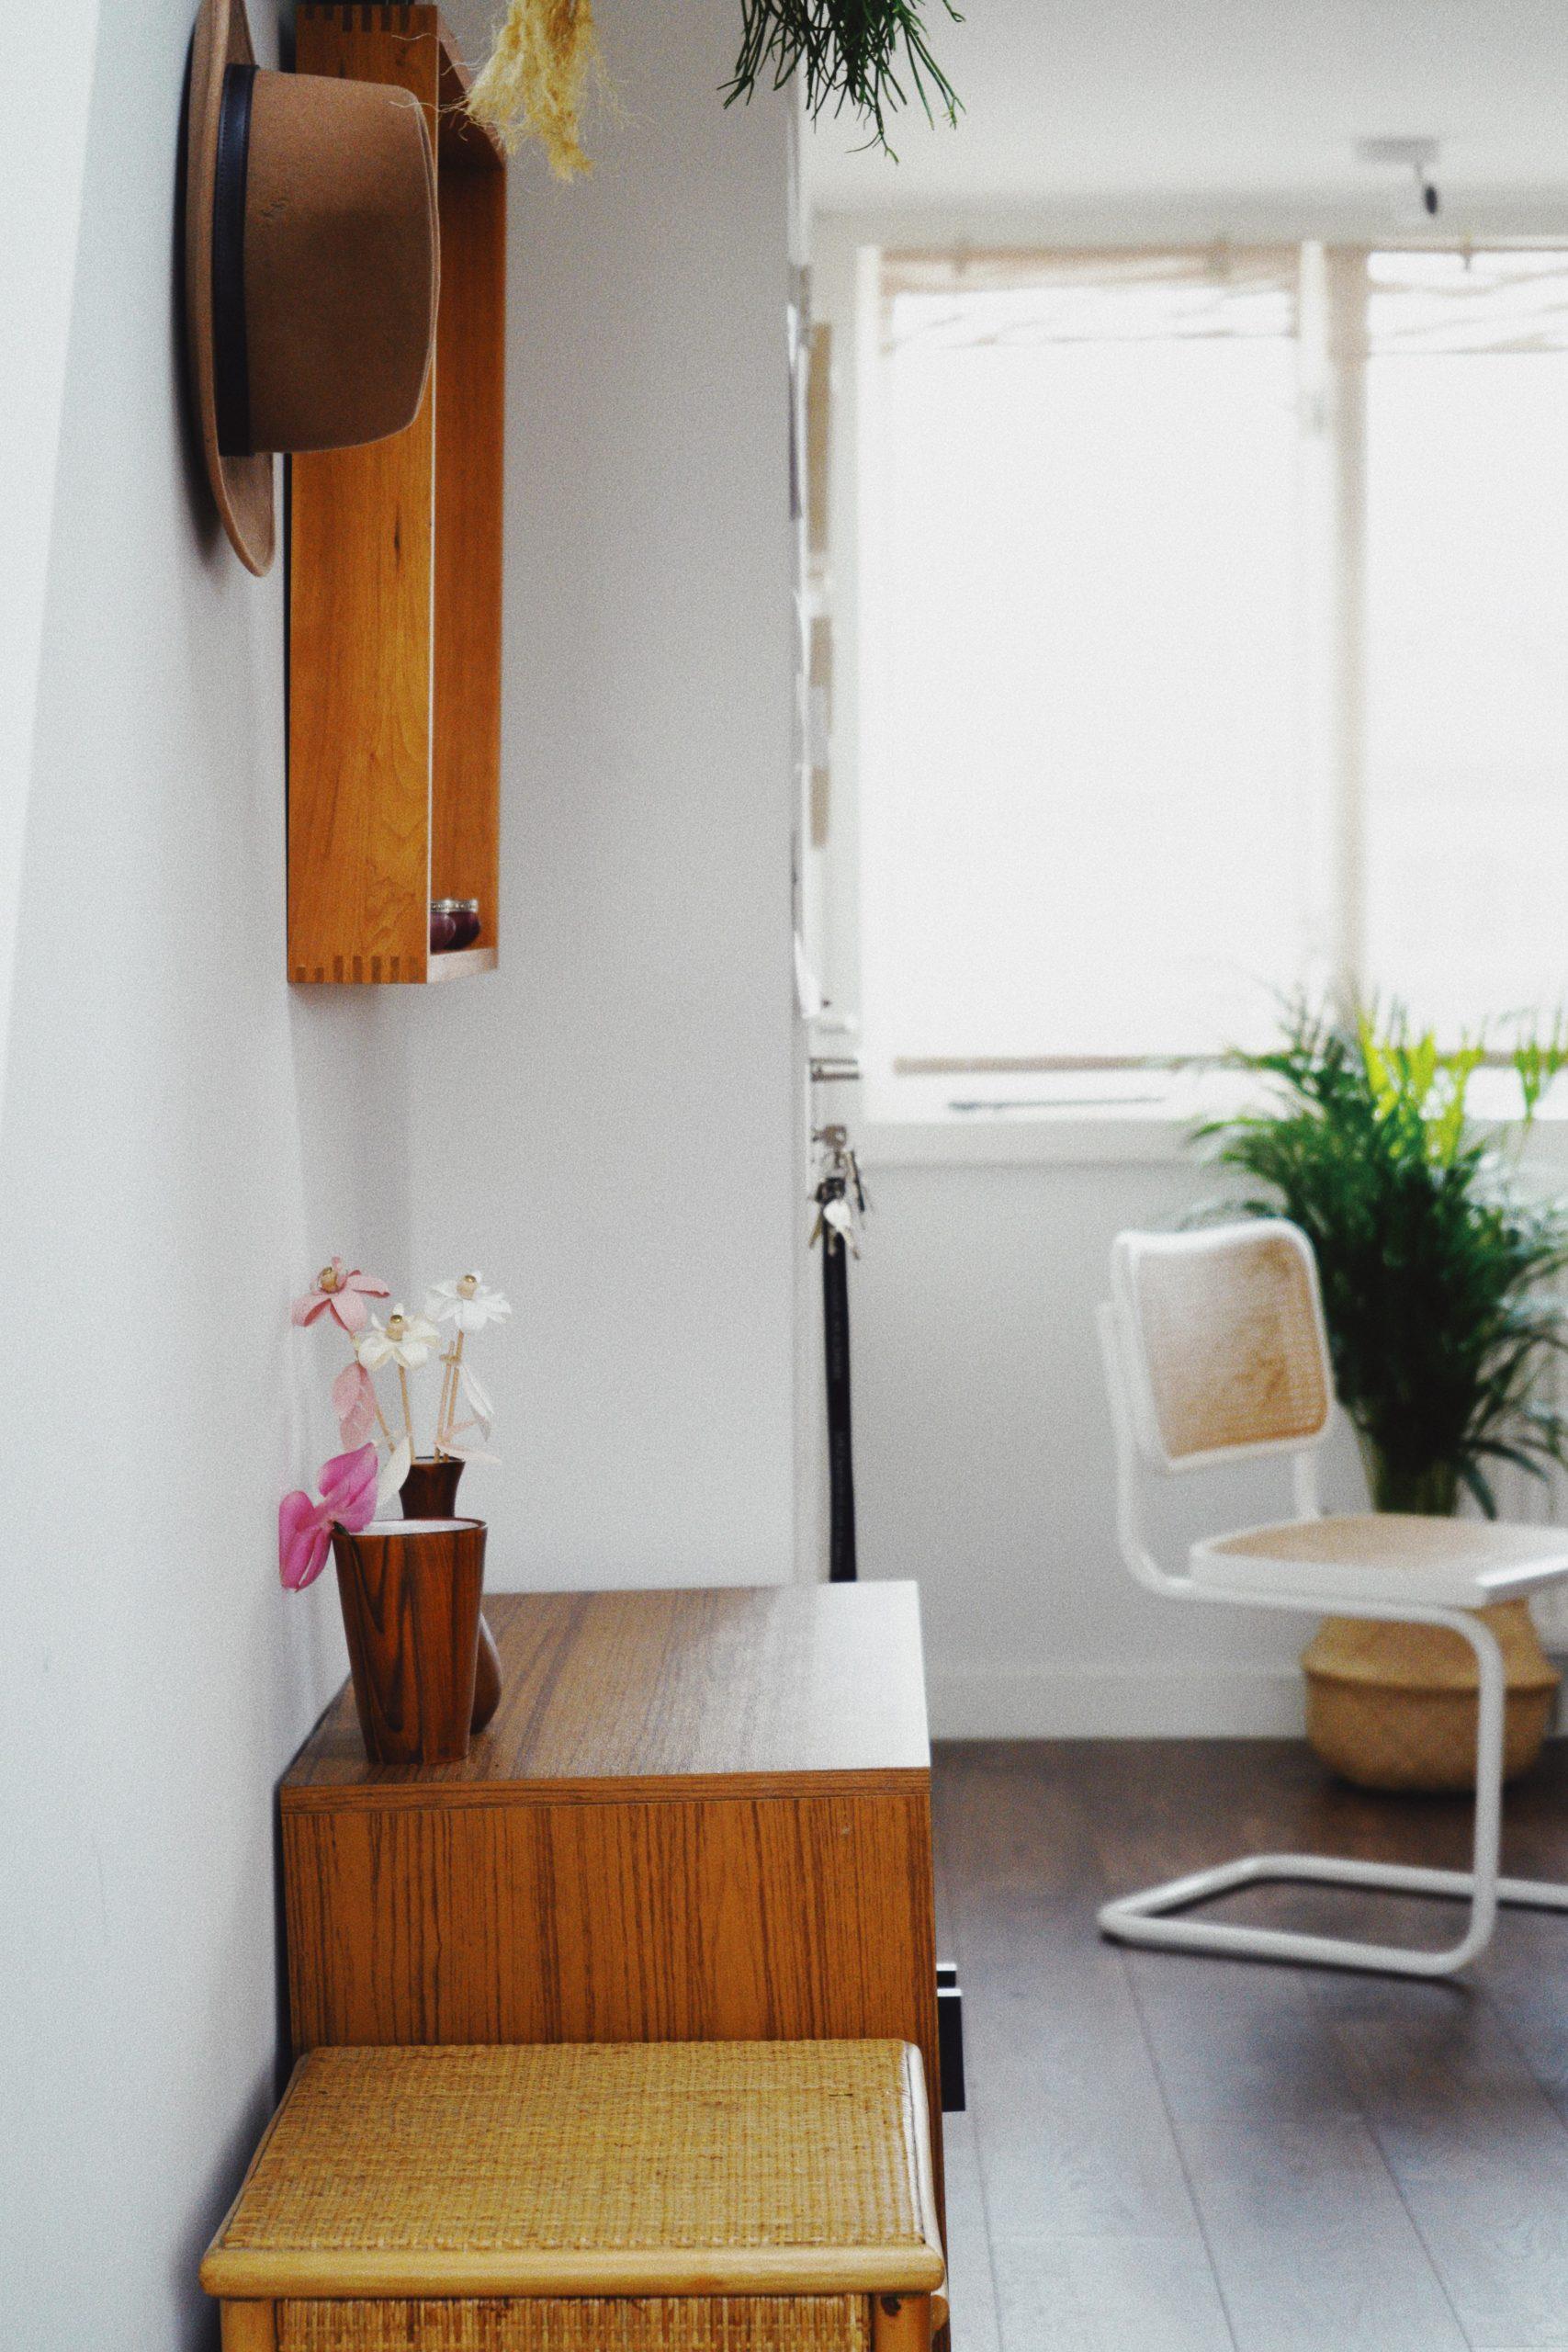 holzschrank und spiegel vor weißer wand im Hintergrund Stuhl und pflanze